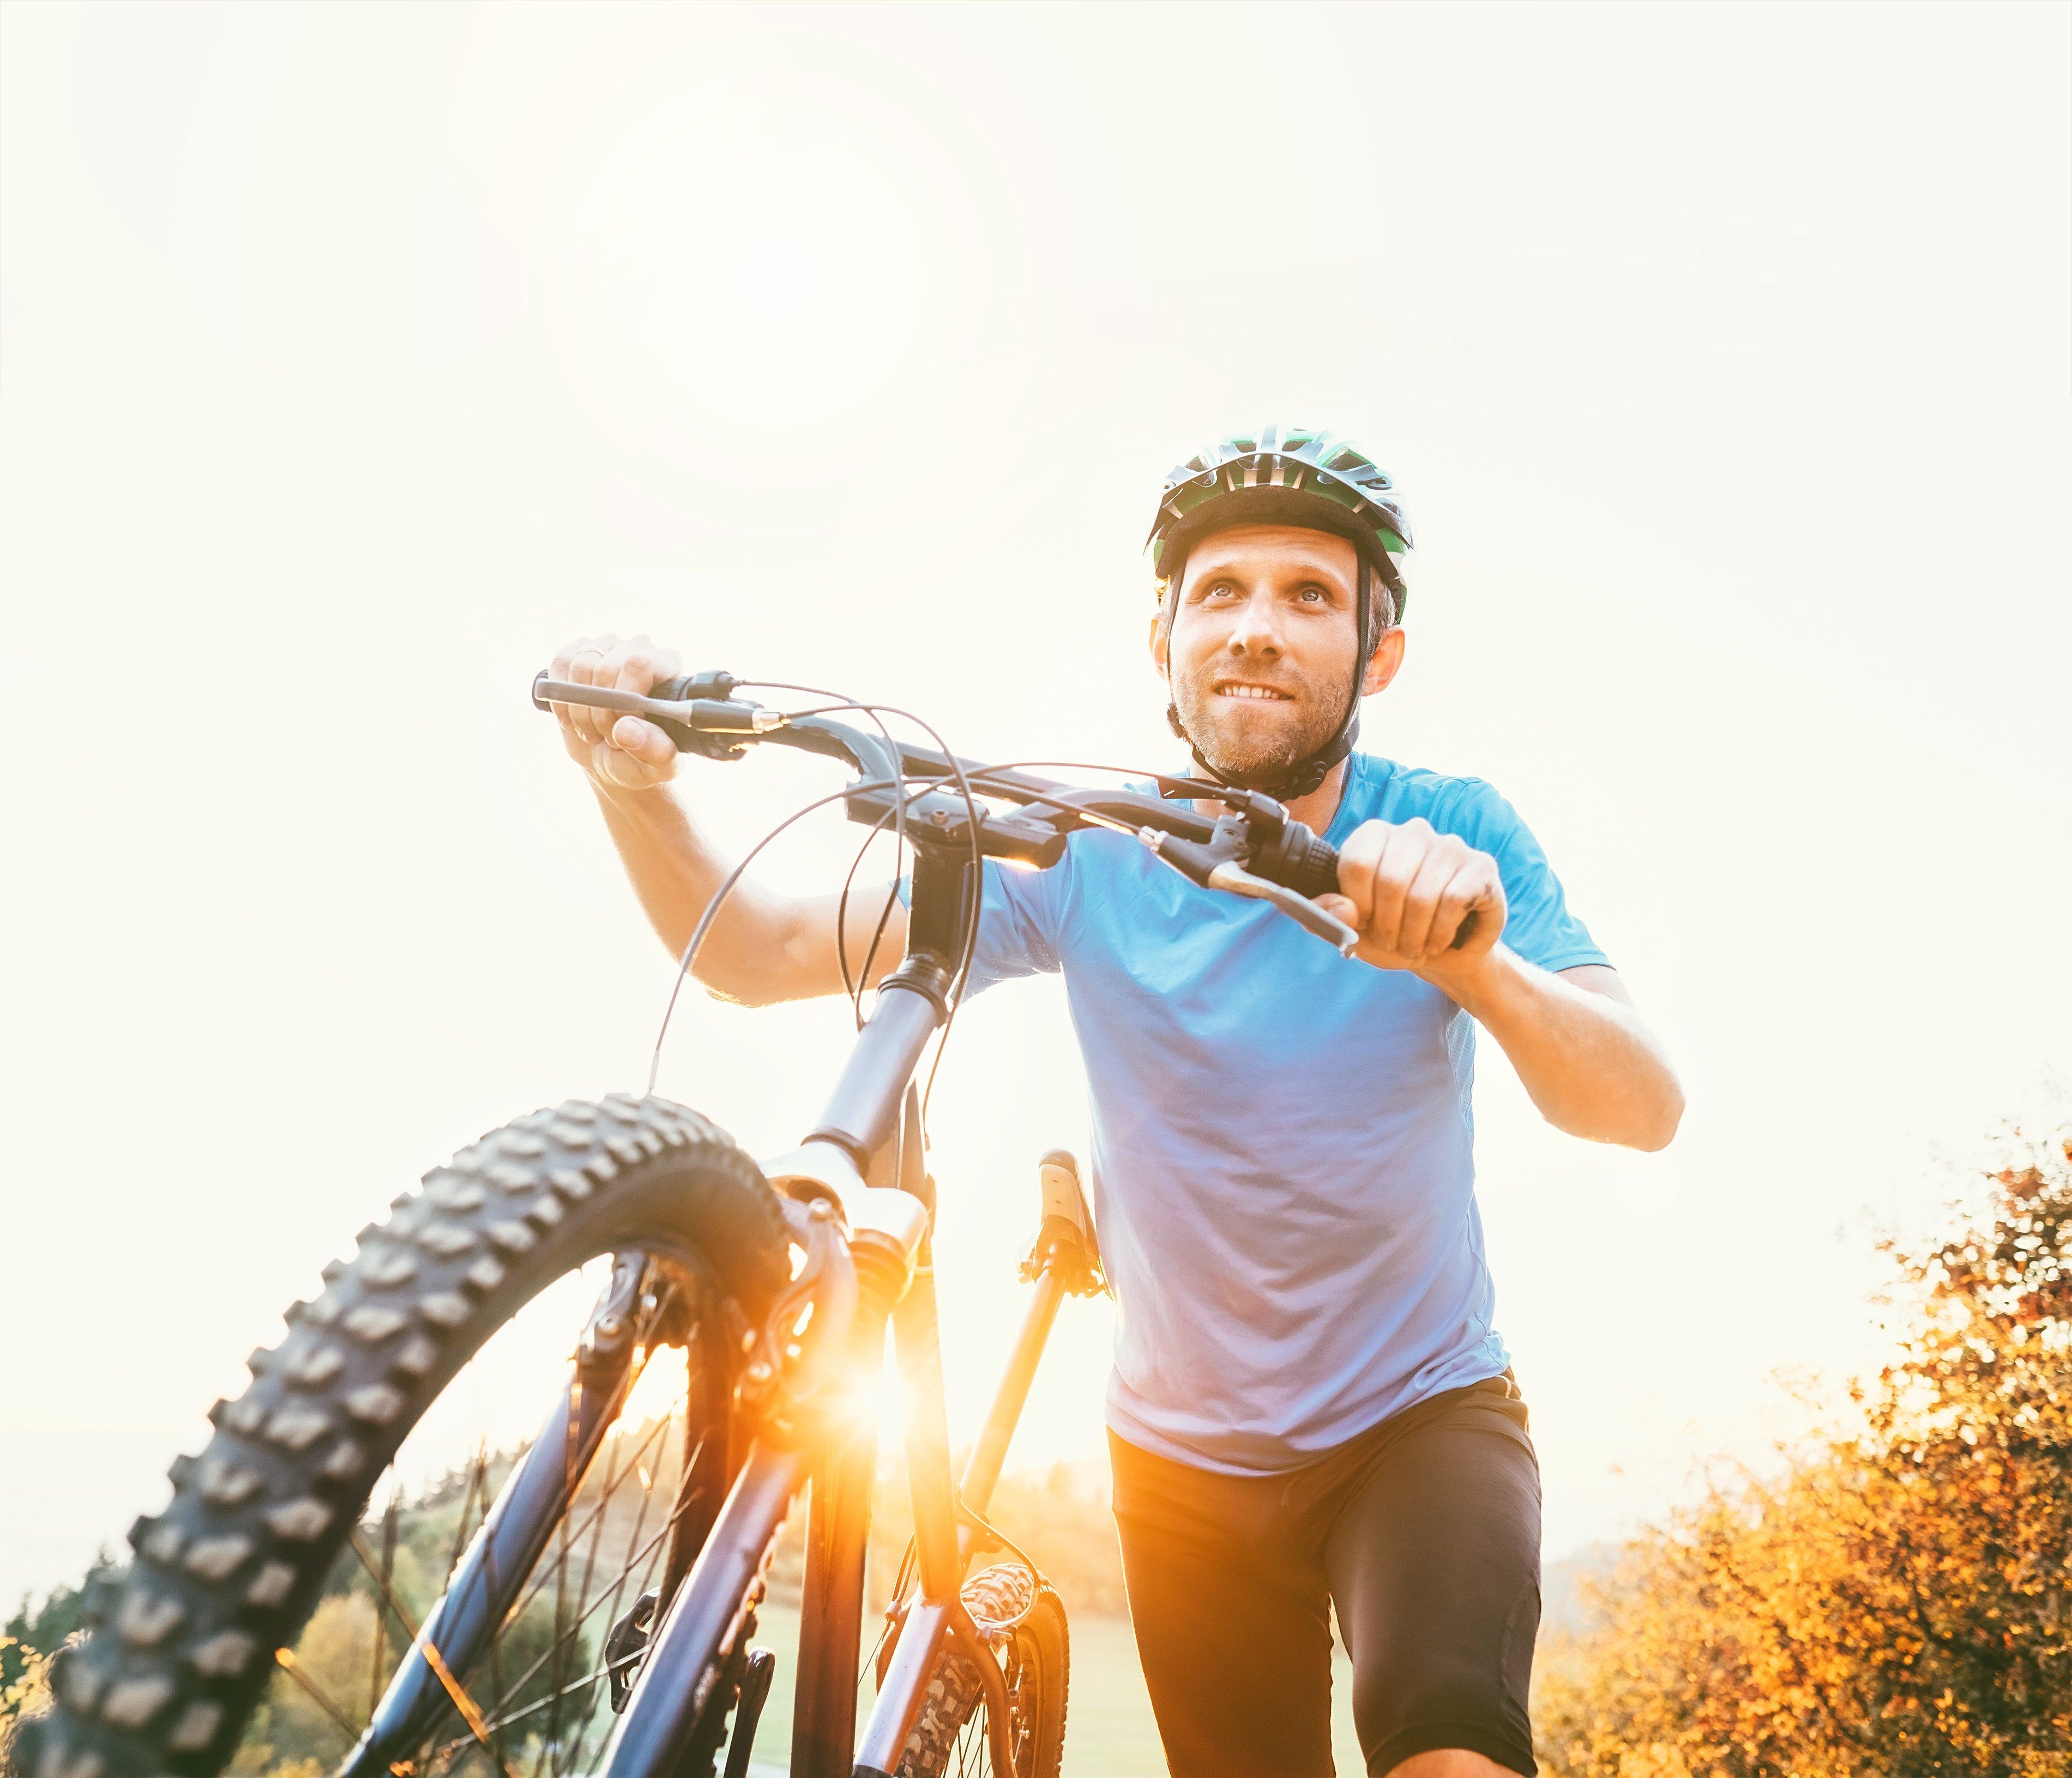 Vaše kolo odpočívalo několik měsíců, a teď je správný čas ho zkontrolovat, aby šlapalo jako hodinky.